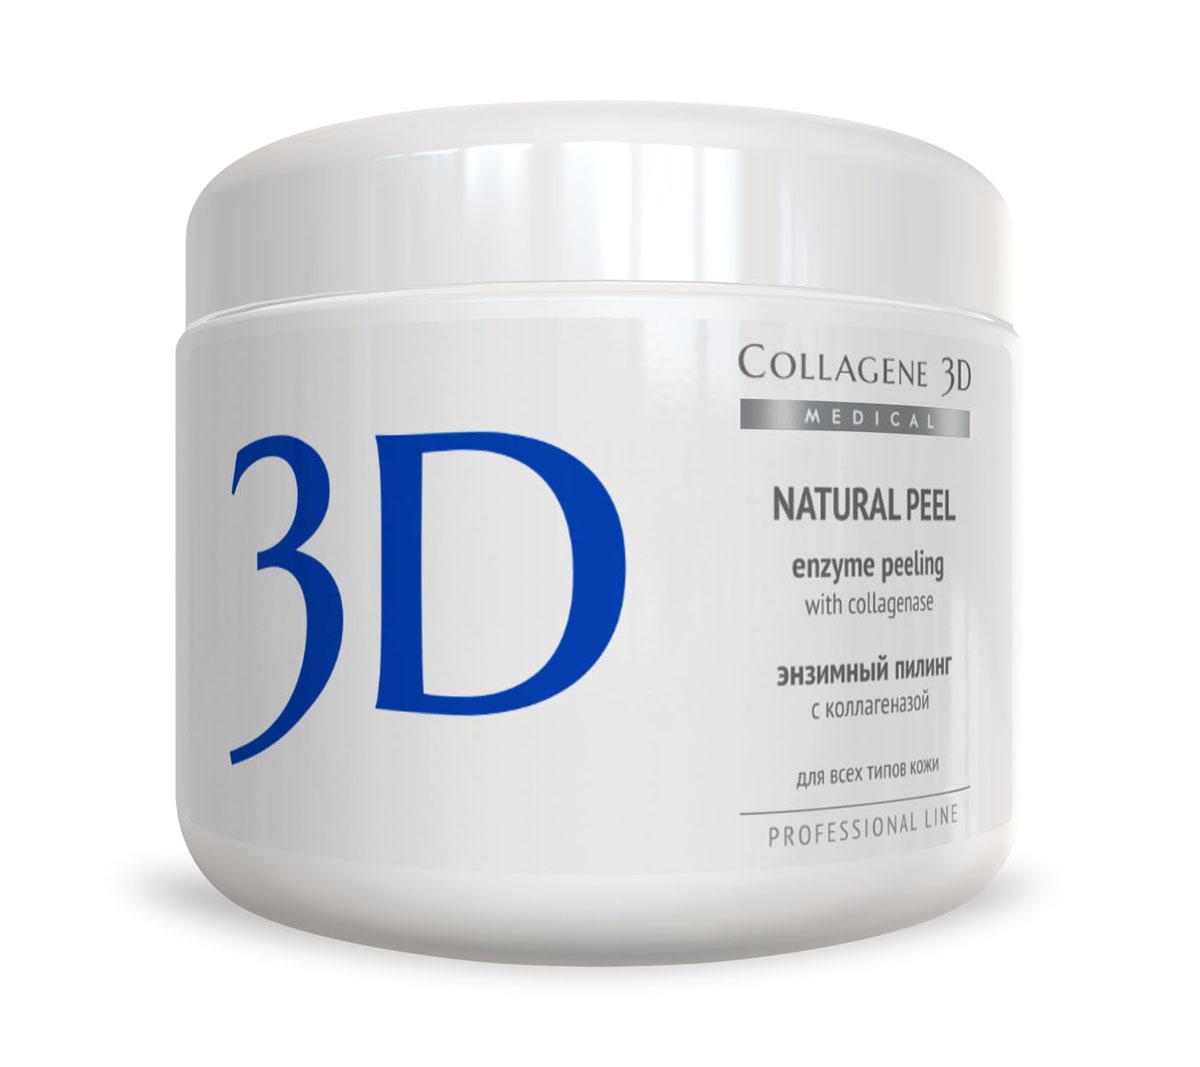 Medical Collagene 3D Пилинг ферментативный для лица Natural peel, 150 гFS-00897Пилинг особенно эффективен при проблемной кожи с акне. Деликатно выравнивает микрорельеф, интенсивно увлажняет, мягко очищает от омертвевших роговых чешуек, стимулирует обновление и омоложение, улучшает цвет лица. Можно применять в любое время года.